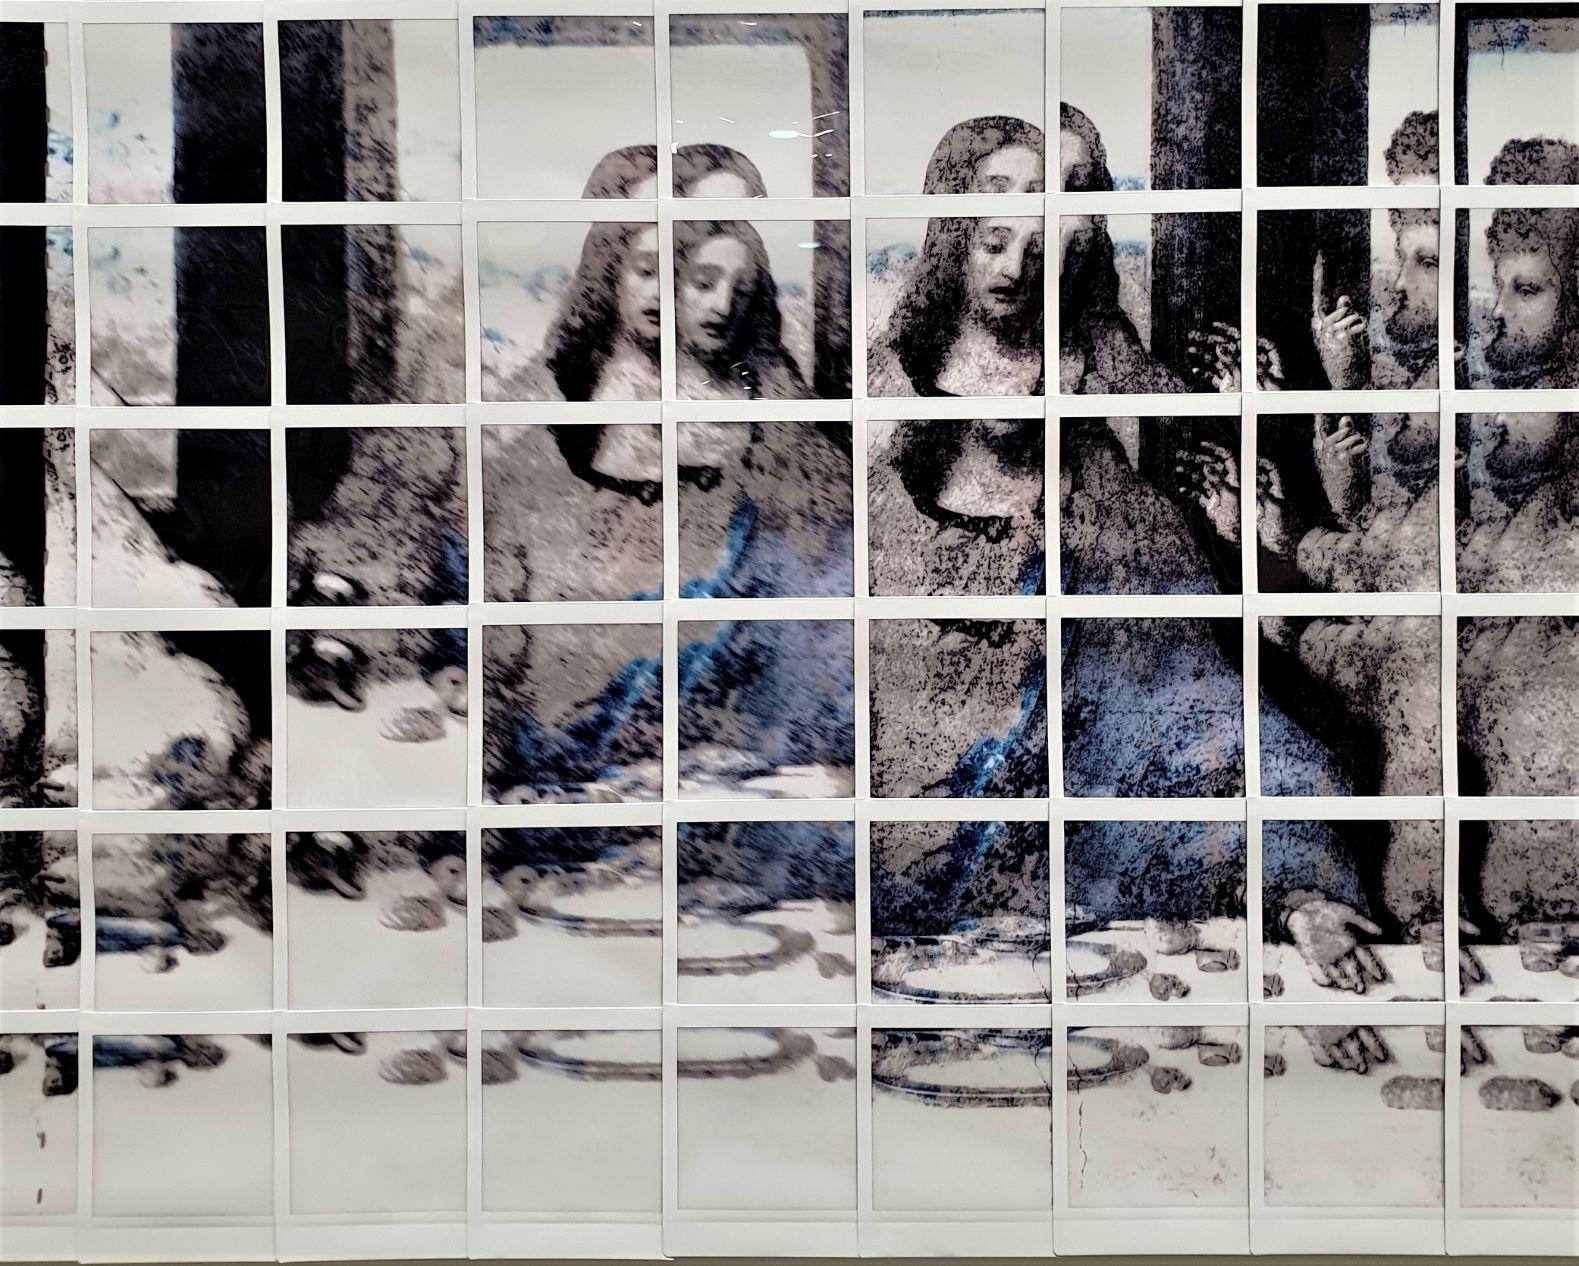 Apostoli moltiplicati e Cristo scomposto. L'Ultima Cena di Galimberti omaggio a Leonardo da Vinci